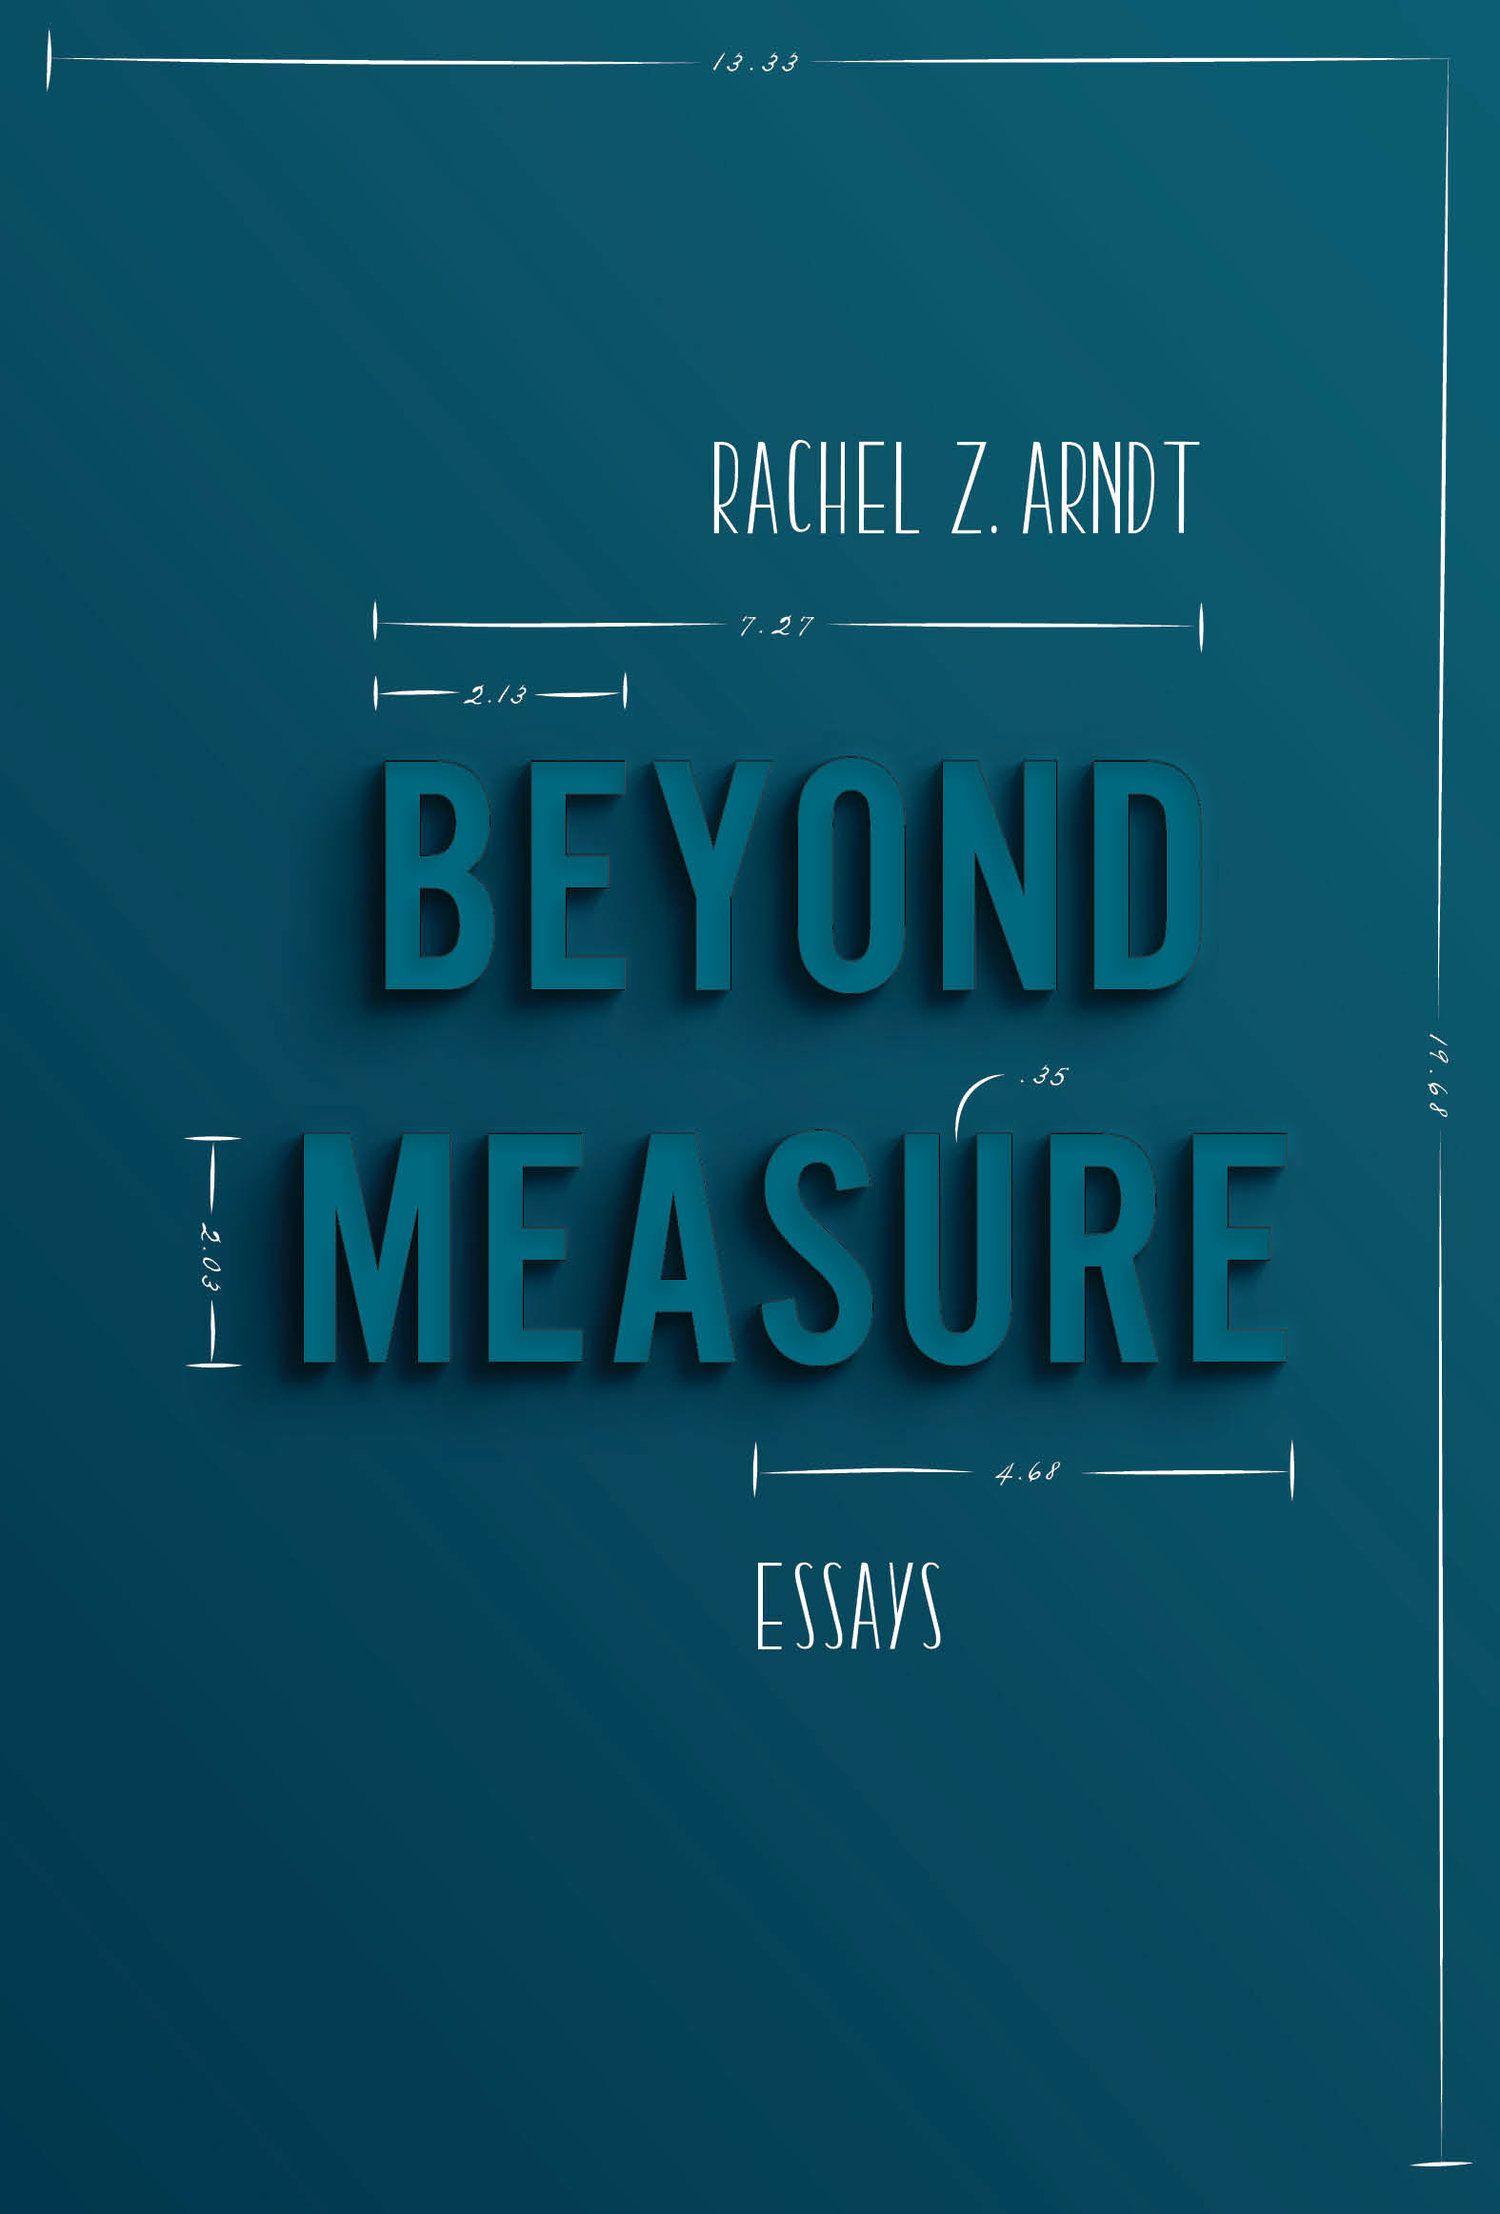 Beyond Measure By Rachel Z Arndt Art By Kristen Radtke Book